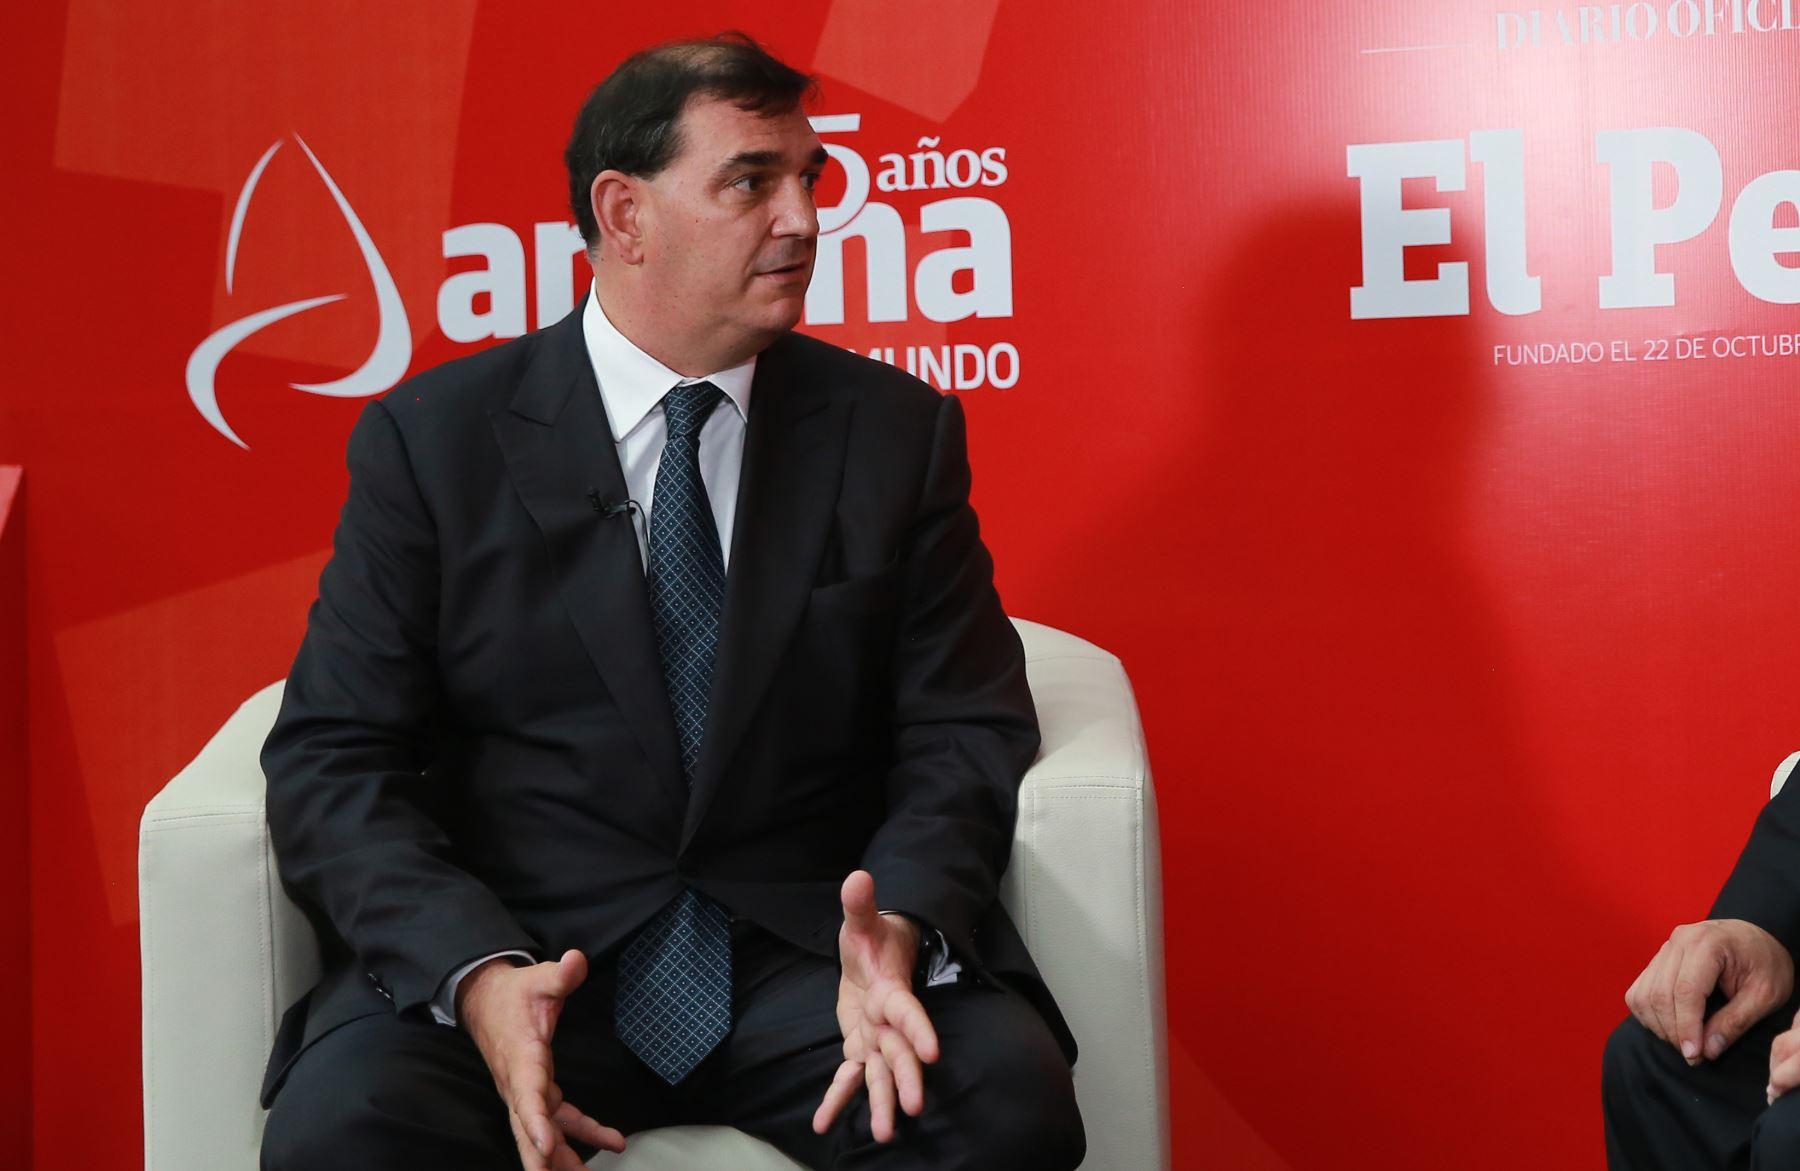 Presidente del Consejo Empresarial de la Alianza del Pacífico. Alfonso Bustamante. ANDINA/Jhony Laurente